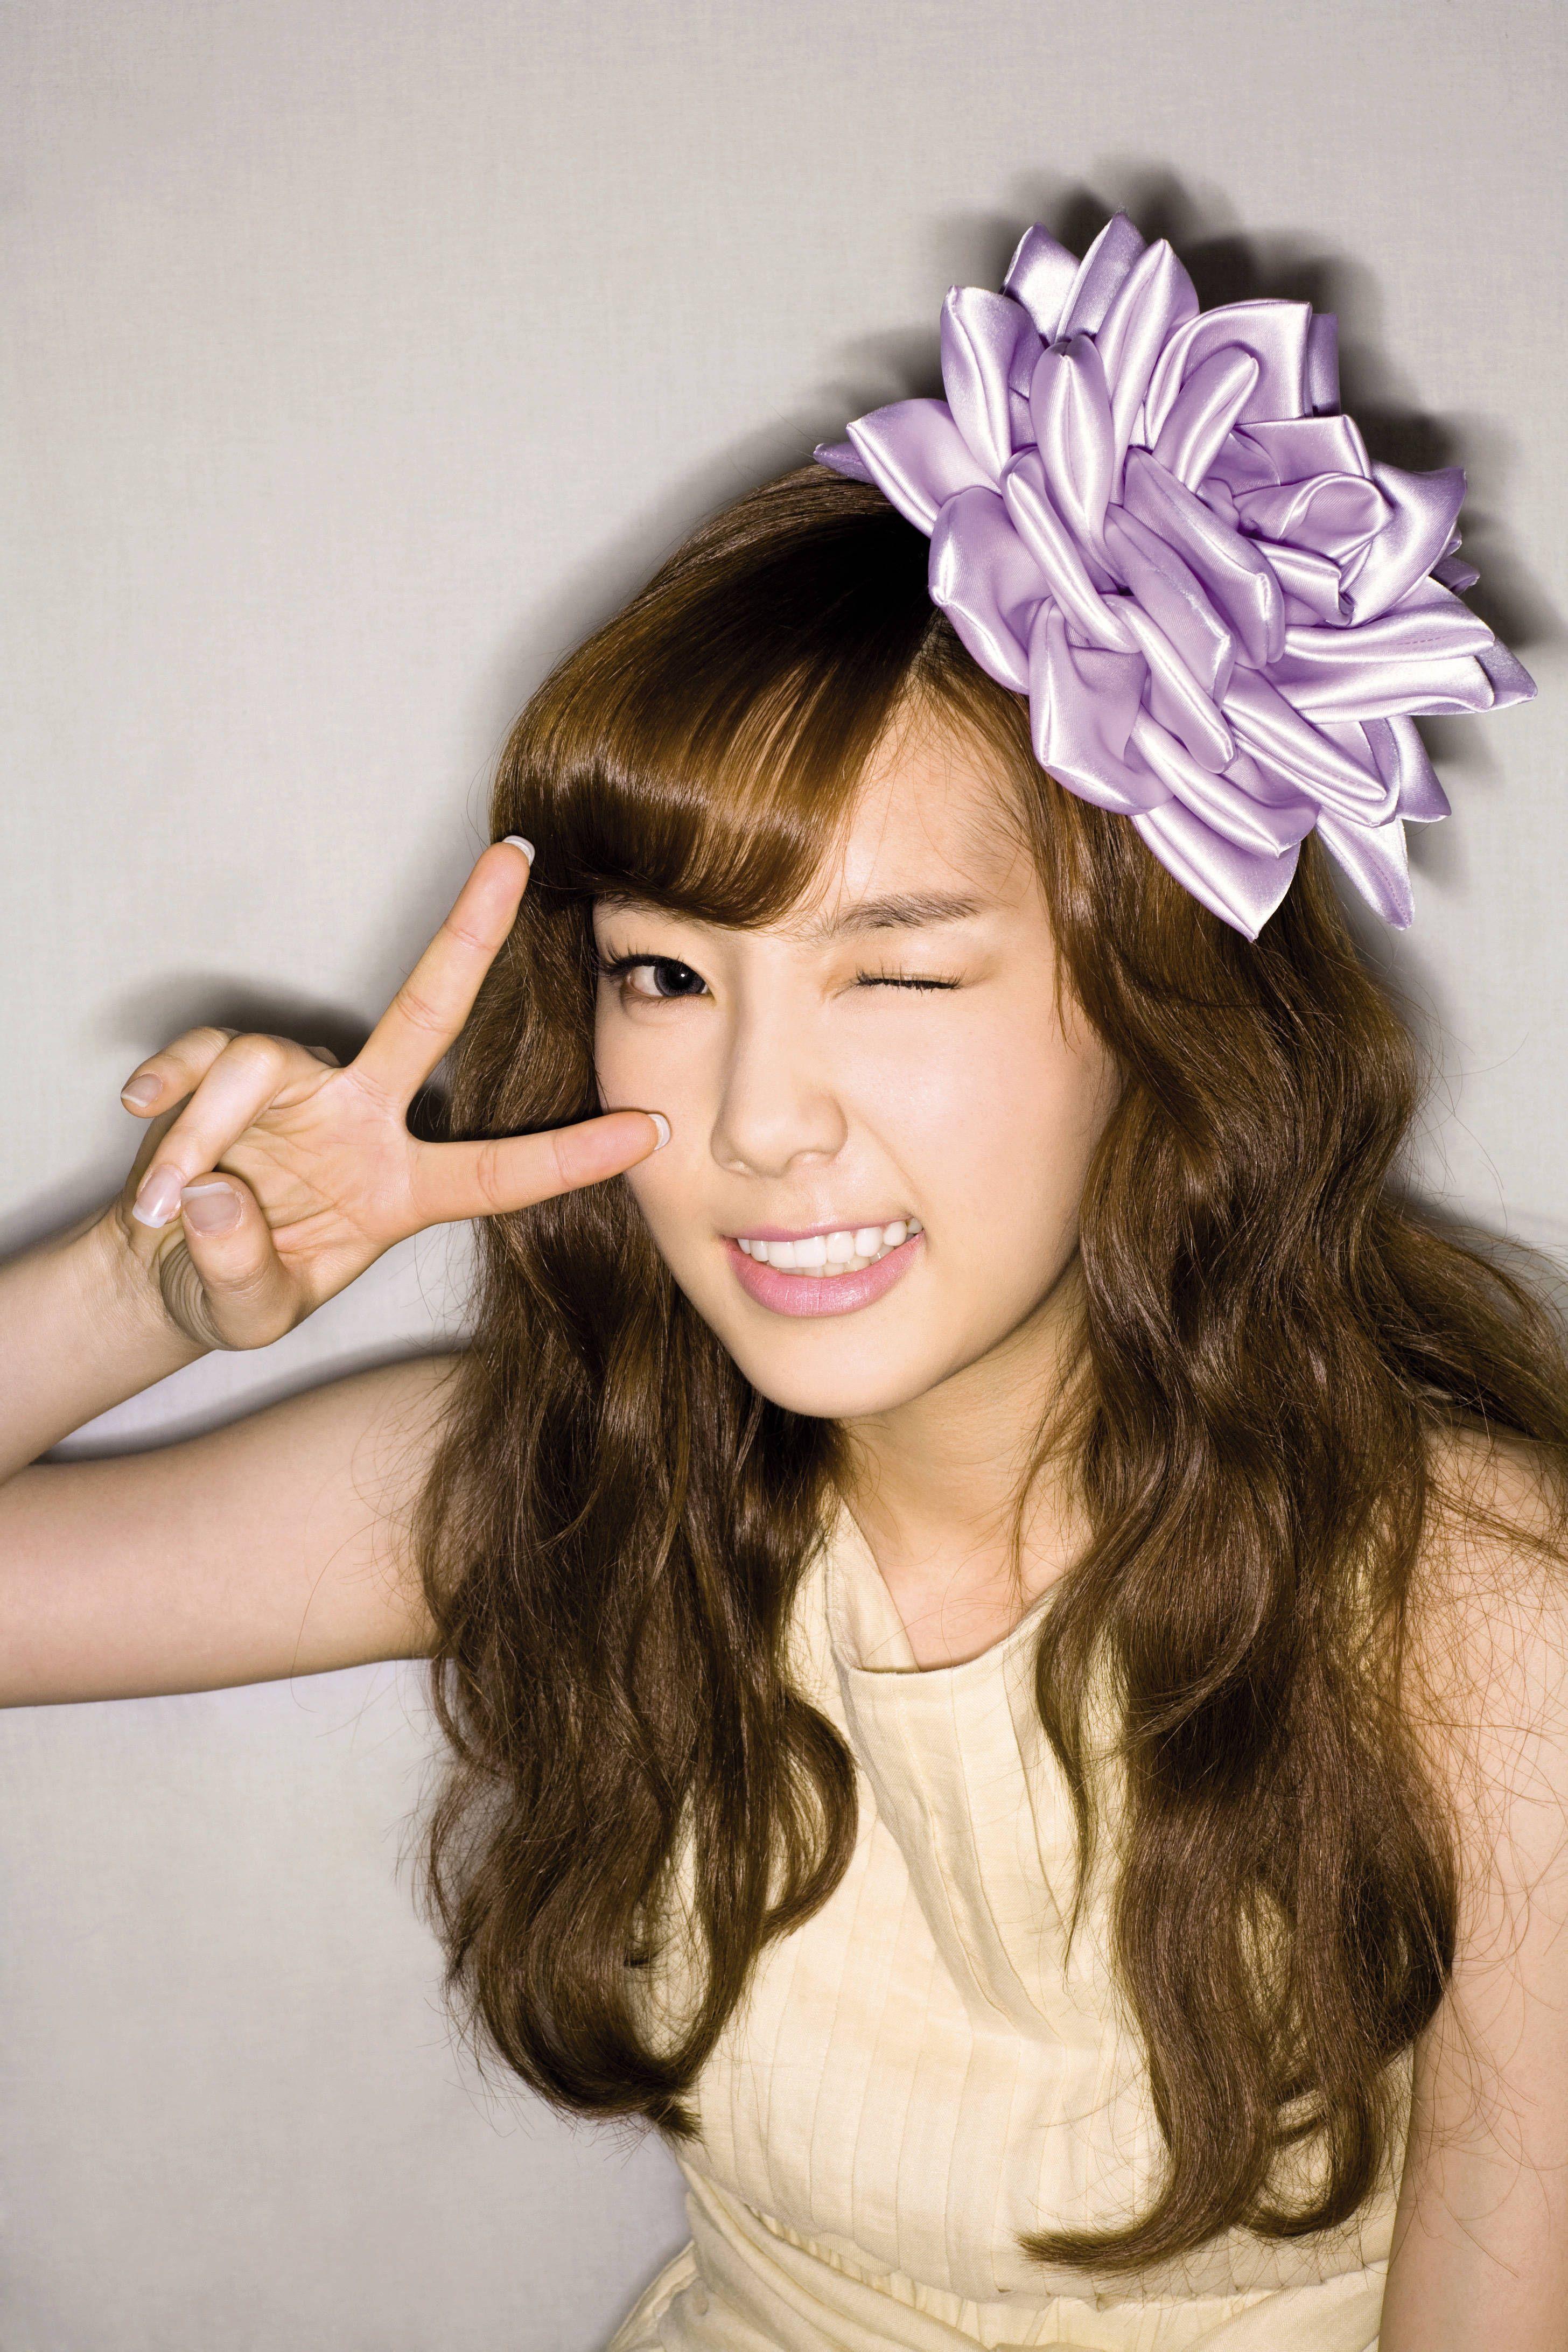 谁有少女时代小队金泰妍的可爱照片?发点给我